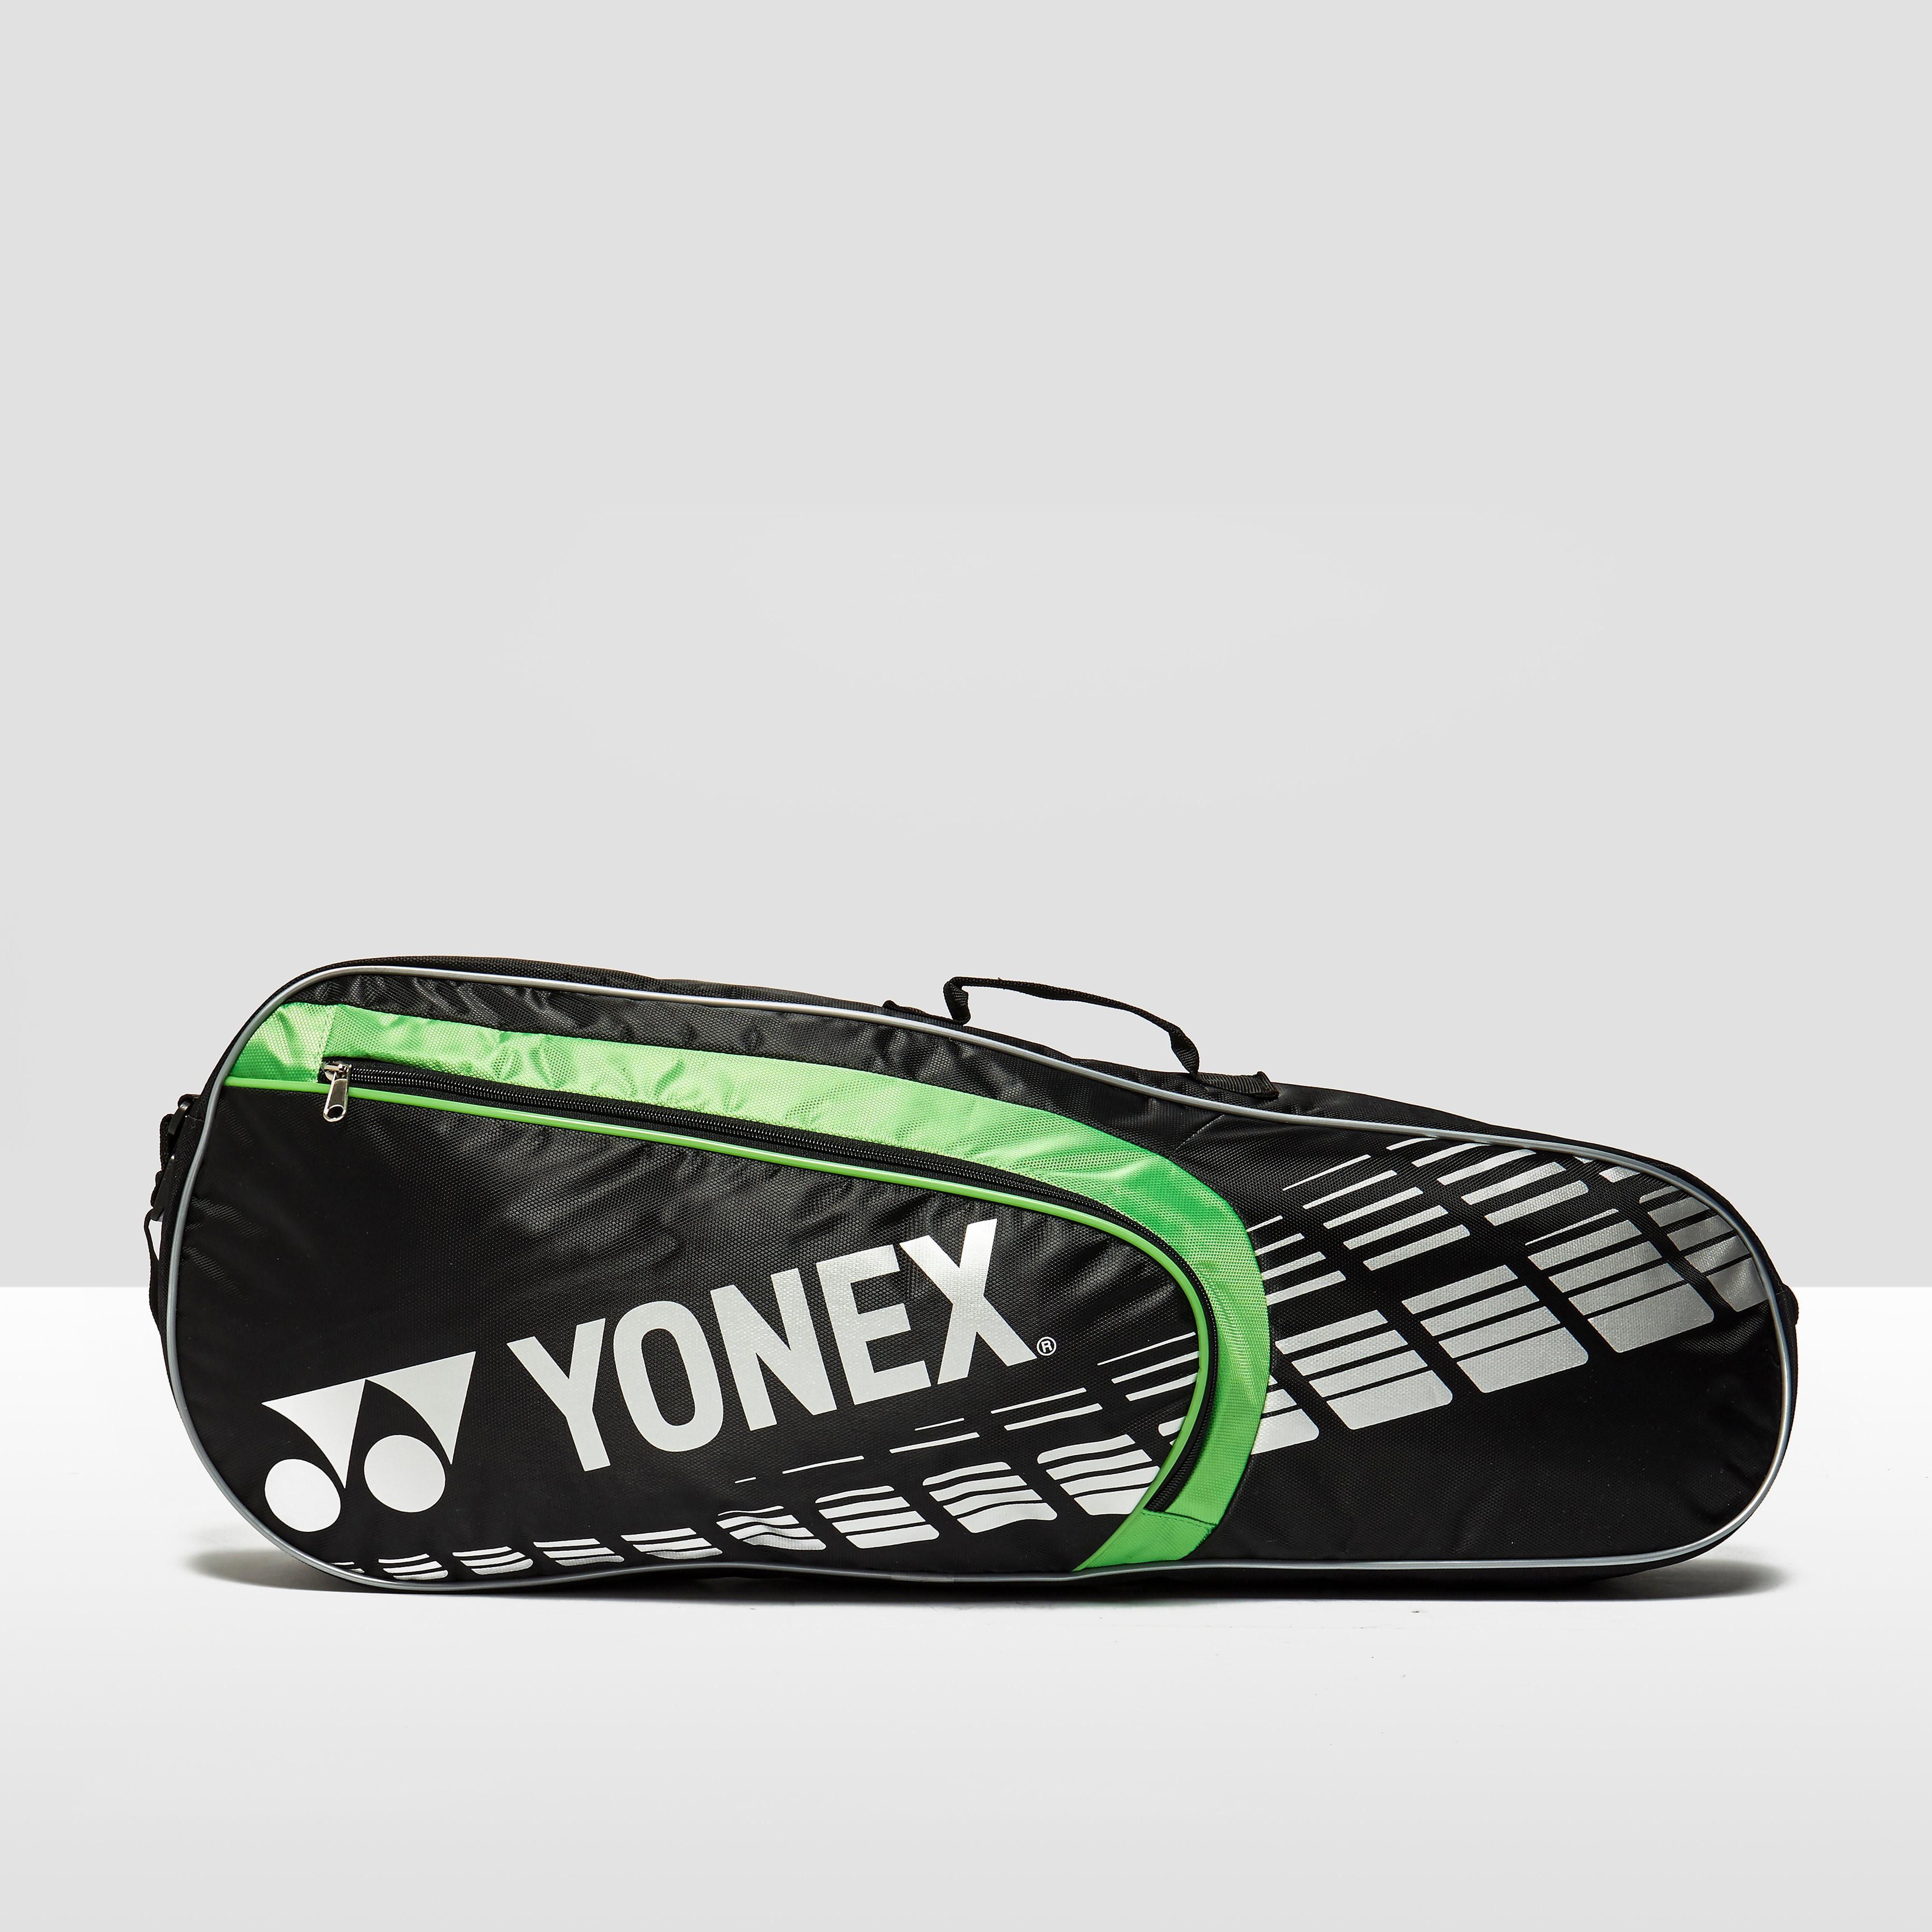 Yonex 4623 Performance 3 Racket Bag